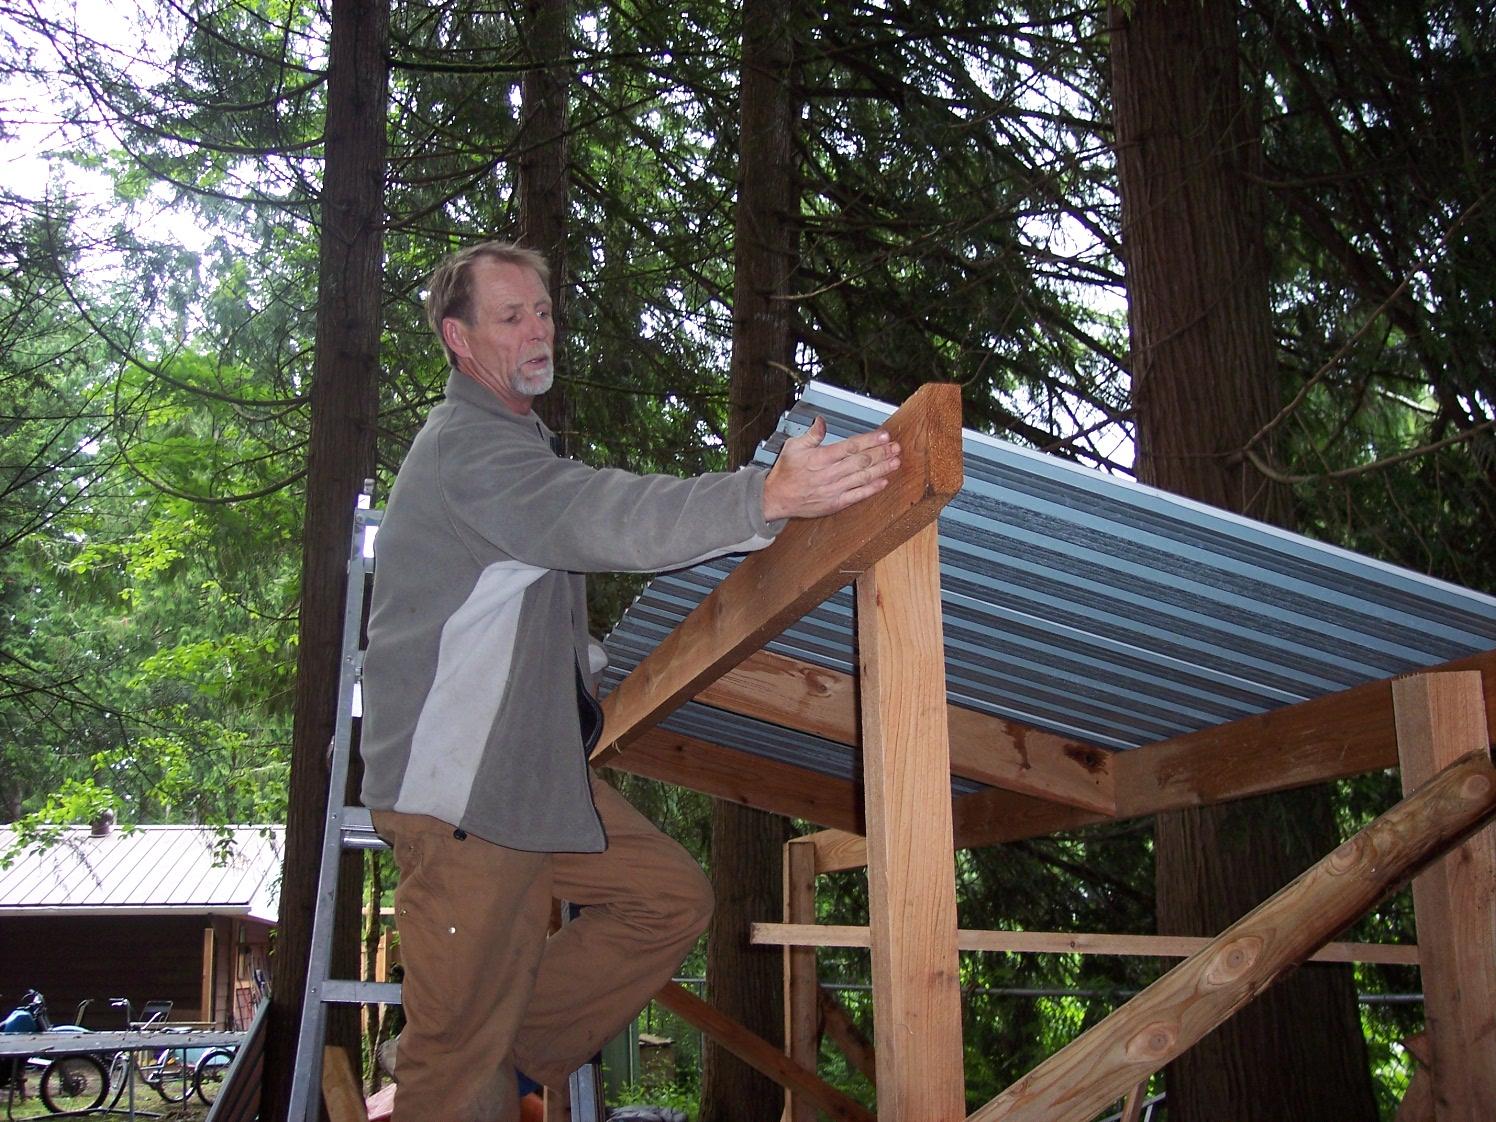 Srp Enterprises Weblog: Build A Wood Shed In 6 Hours